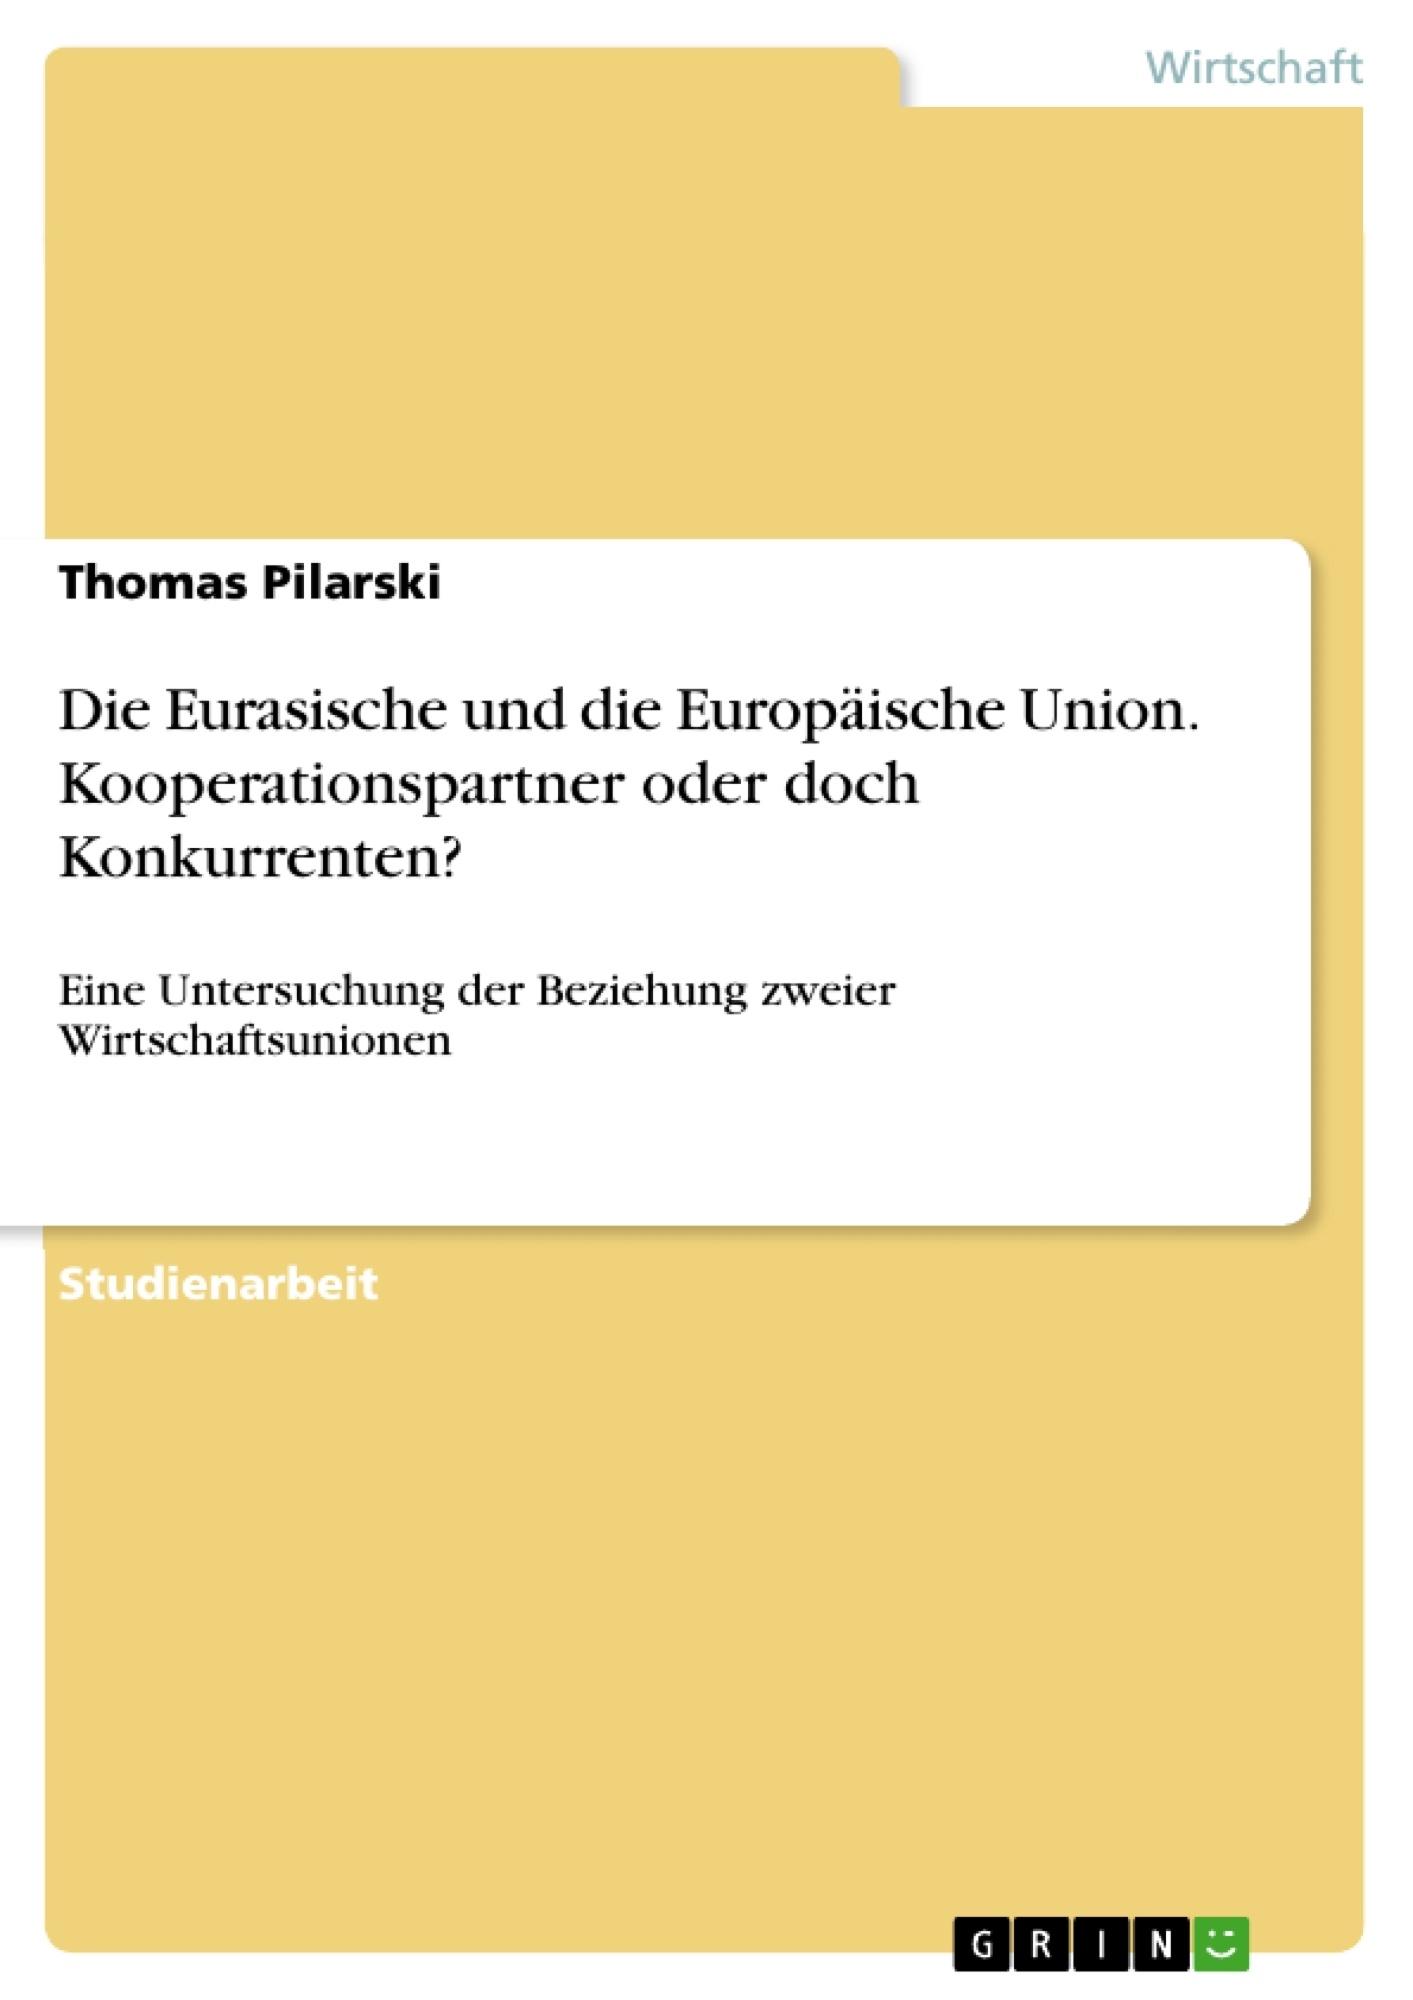 Titel: Die Eurasische und die Europäische Union. Kooperationspartner oder doch Konkurrenten?